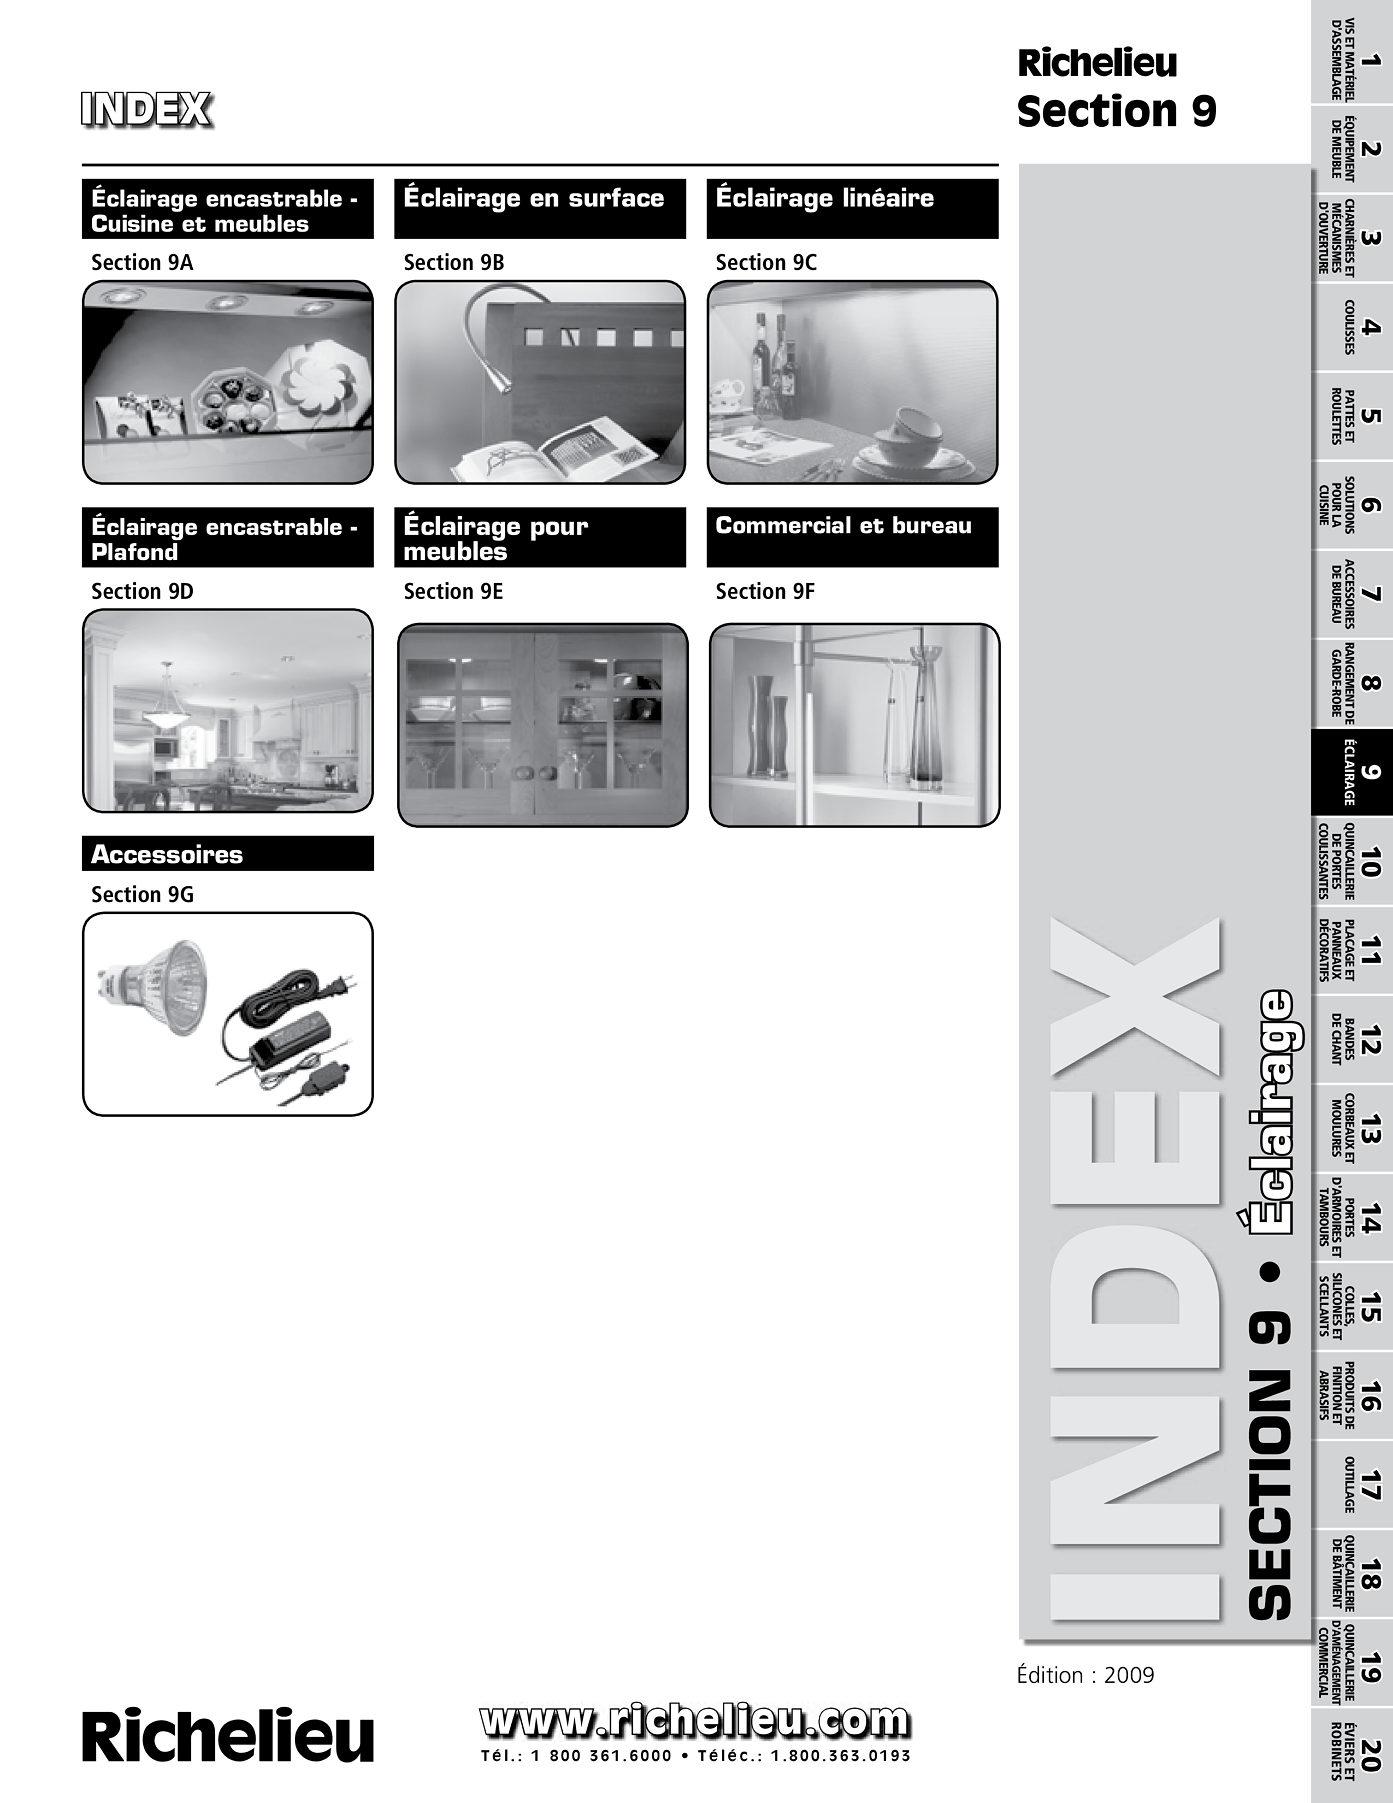 librairie des catalogues richelieu clairage encastrable cuisine et meubles page 1. Black Bedroom Furniture Sets. Home Design Ideas